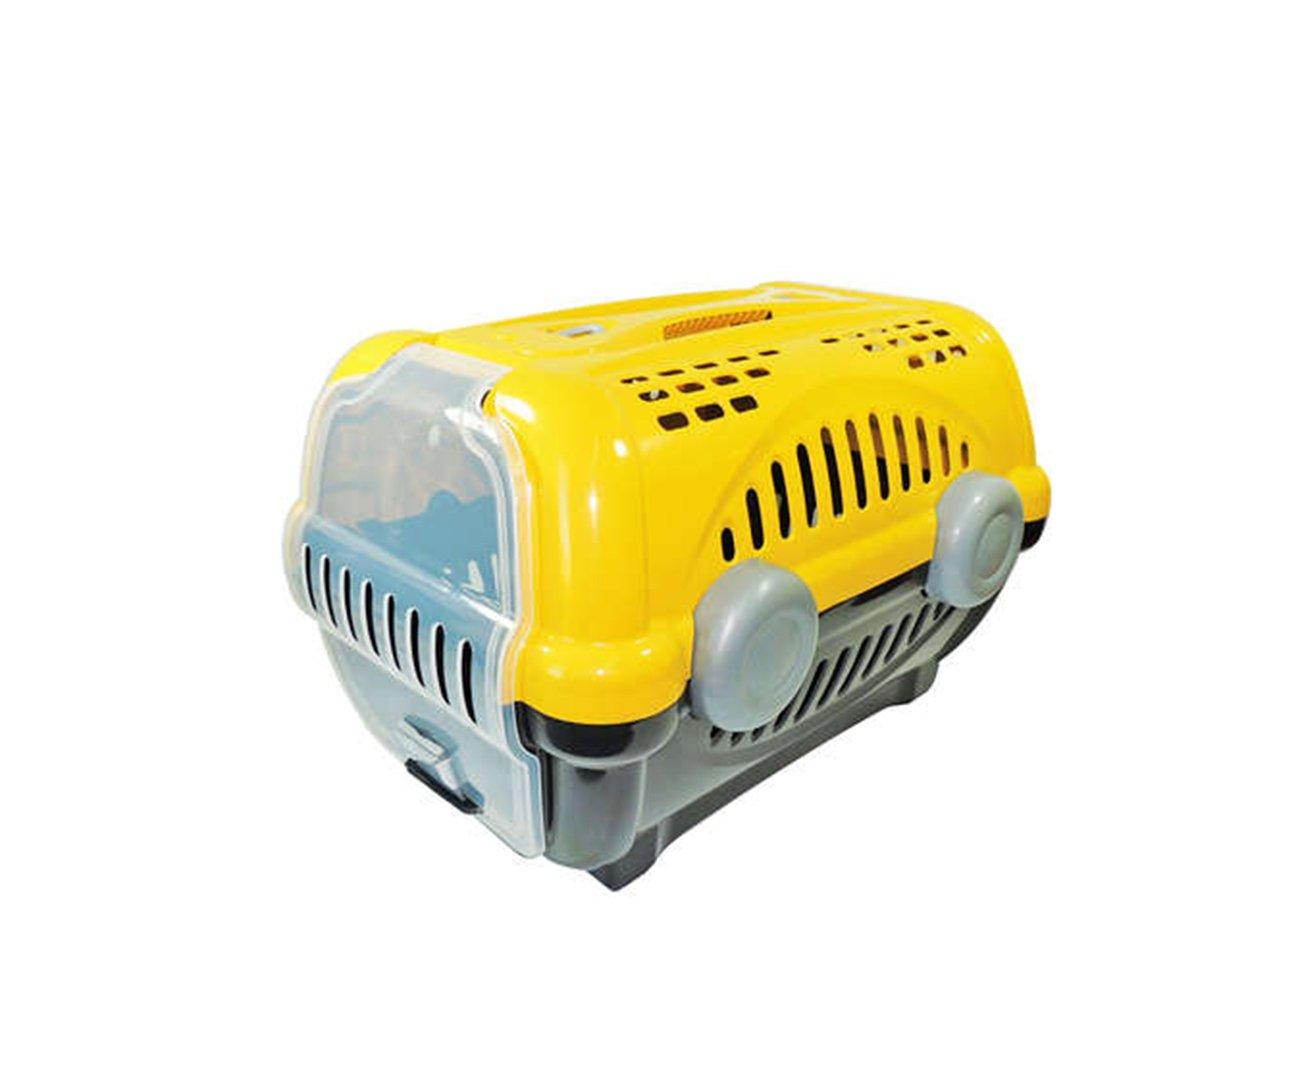 Caixa De Transporte Luxo N1 - Amarela - Furacãopet